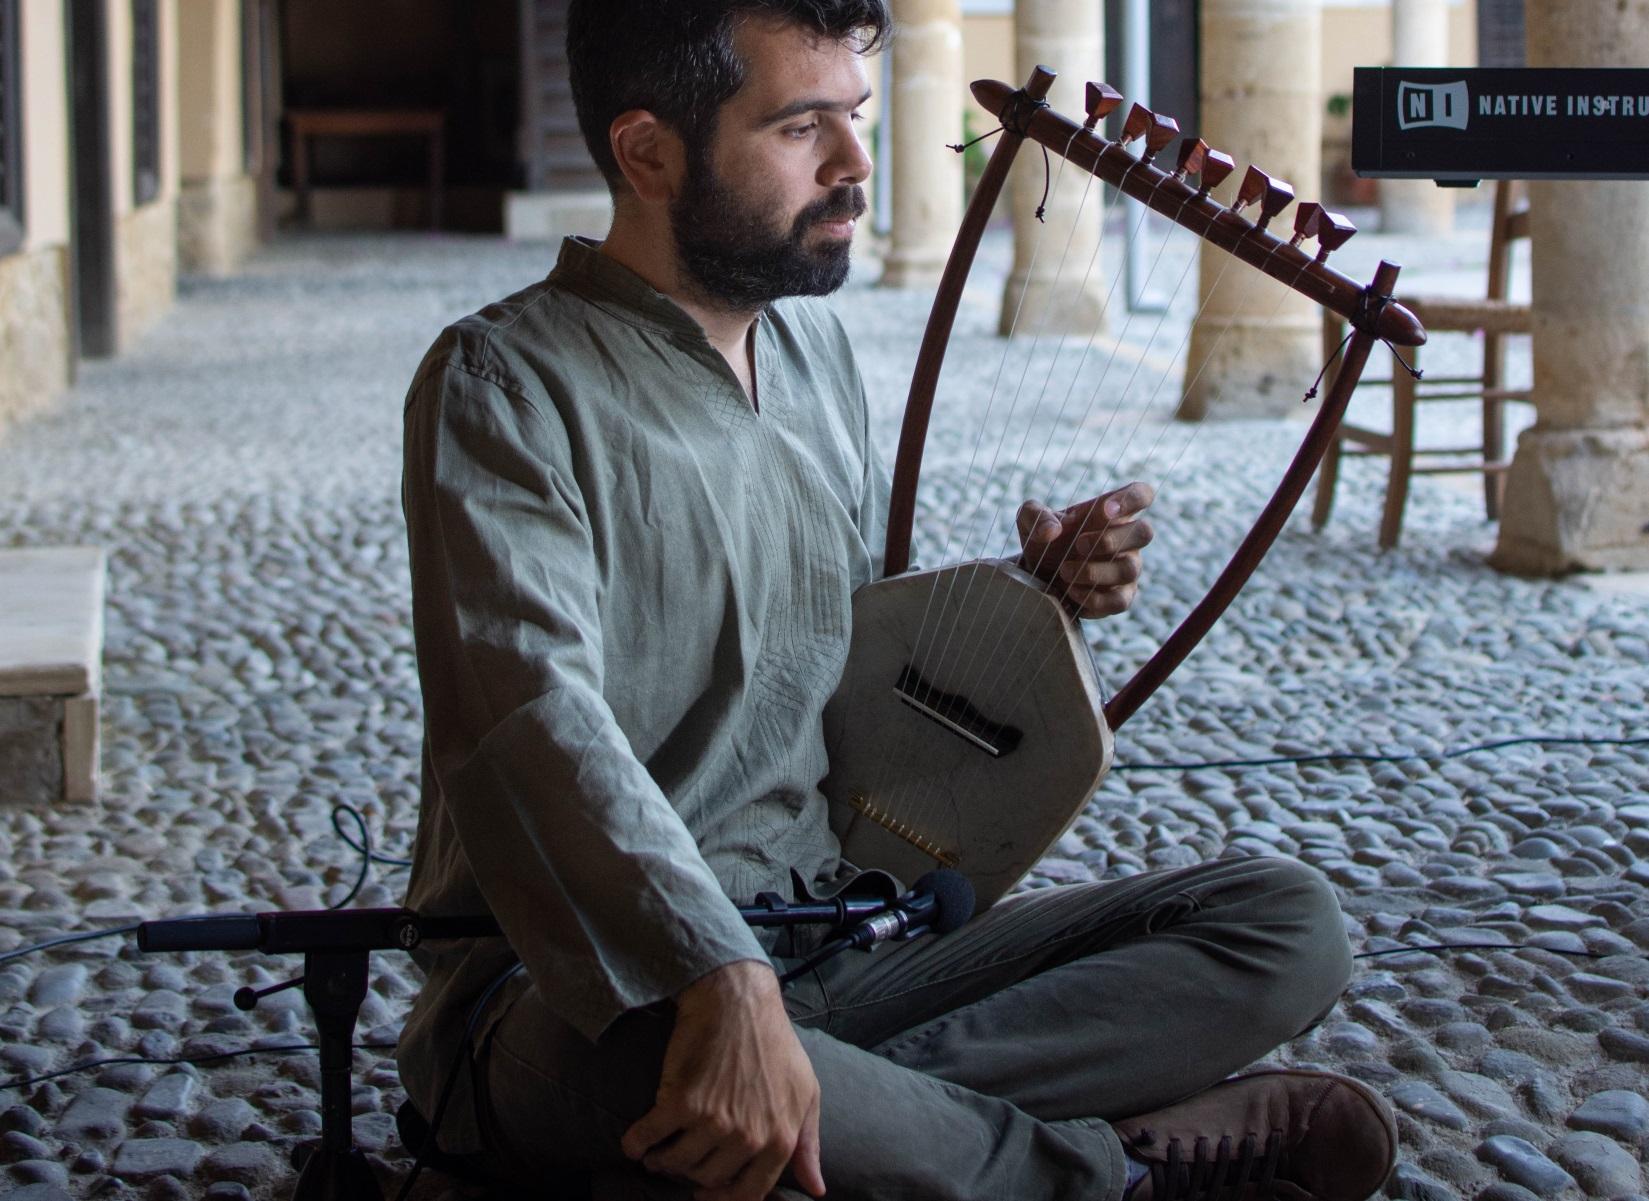 Θεσσαλονίκη: Με μία αρχαία λύρα παίζει όλες τις μουσικές μέχρι και για video games (pics)